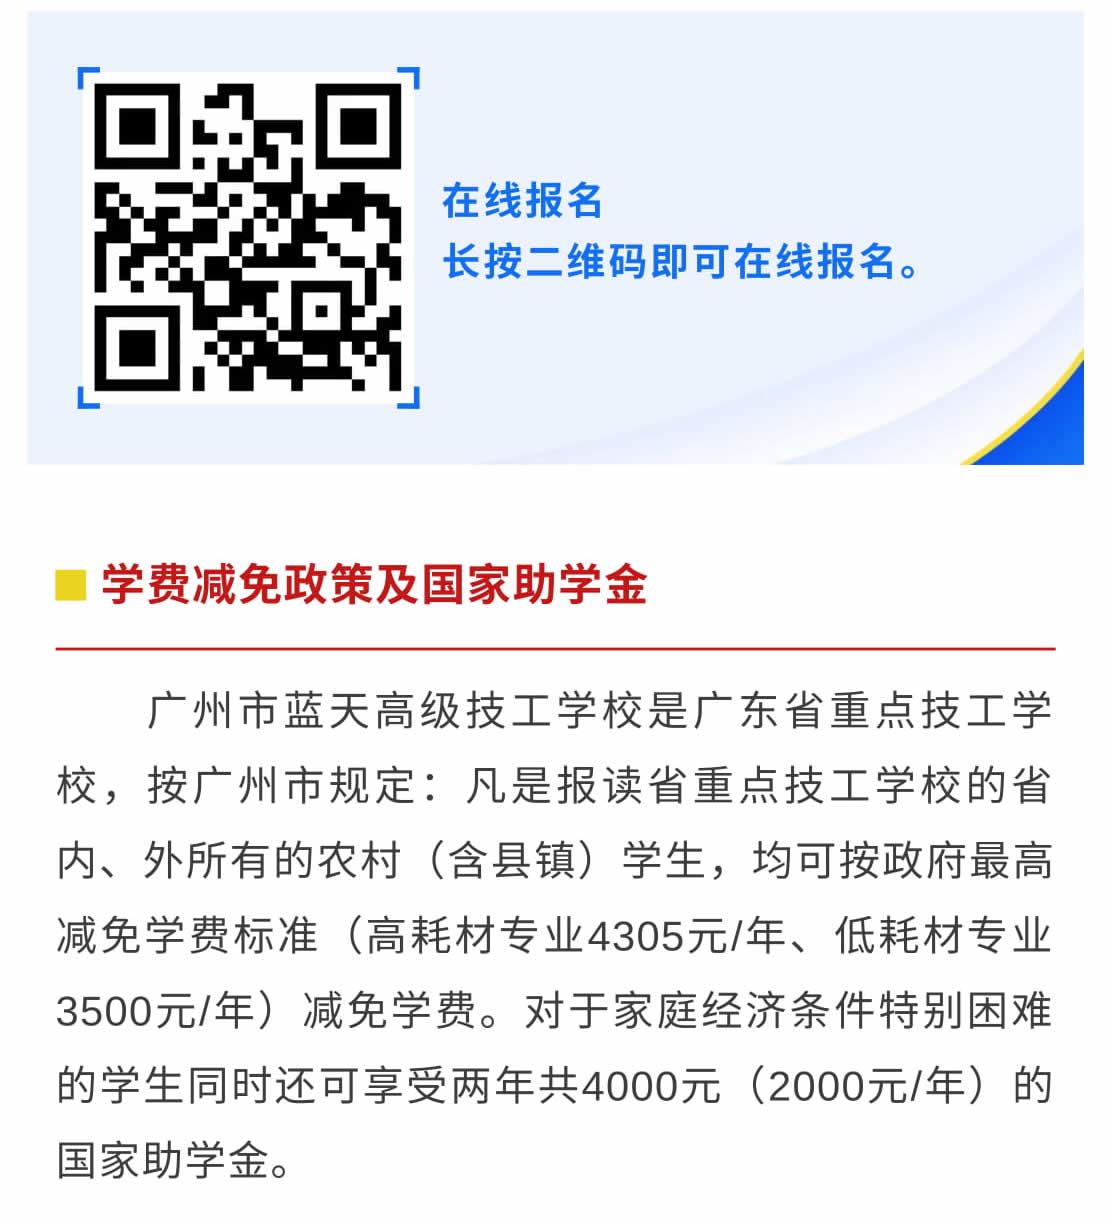 专业介绍 _ 汽车检测(高中起点三年制)-1_r9_c1.jpg